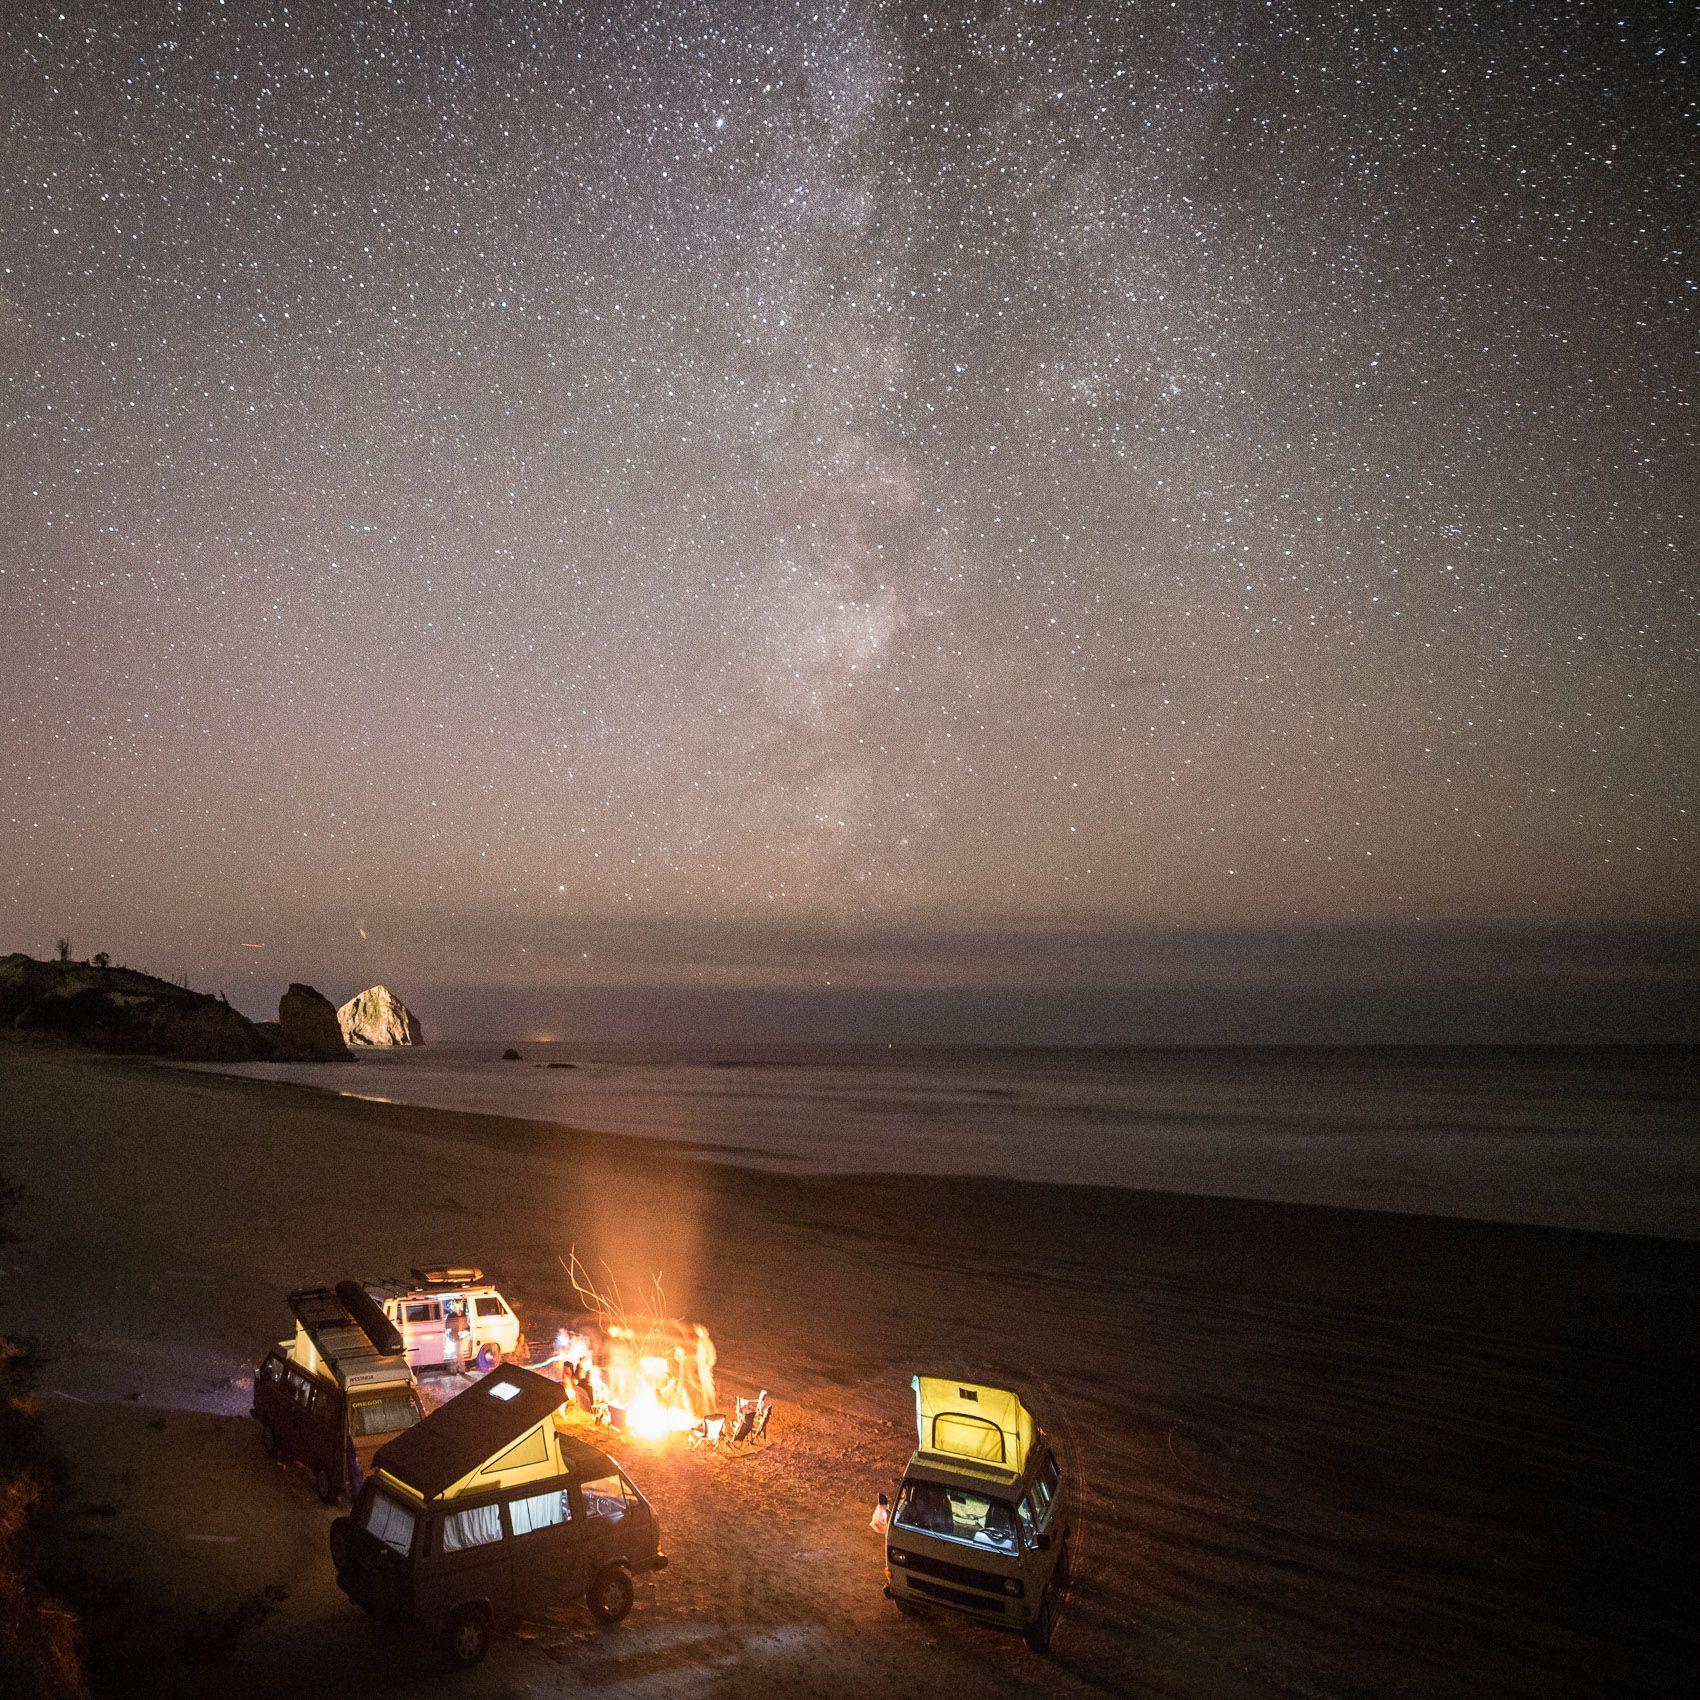 van_or_coast_stars.jpg